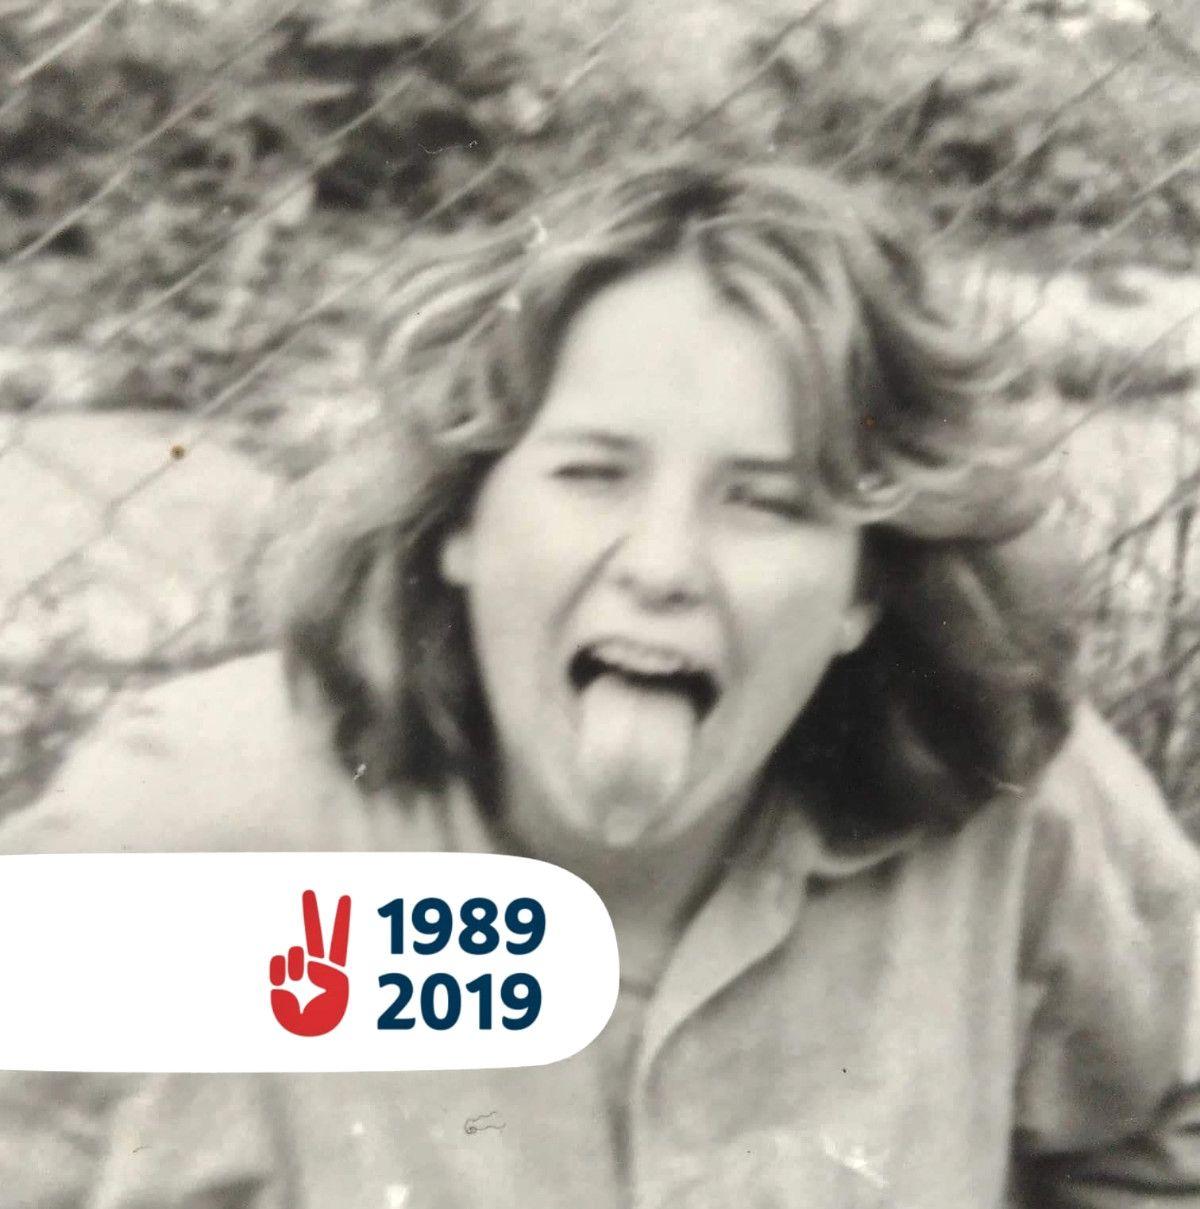 Marta a nežná revolúcia 89